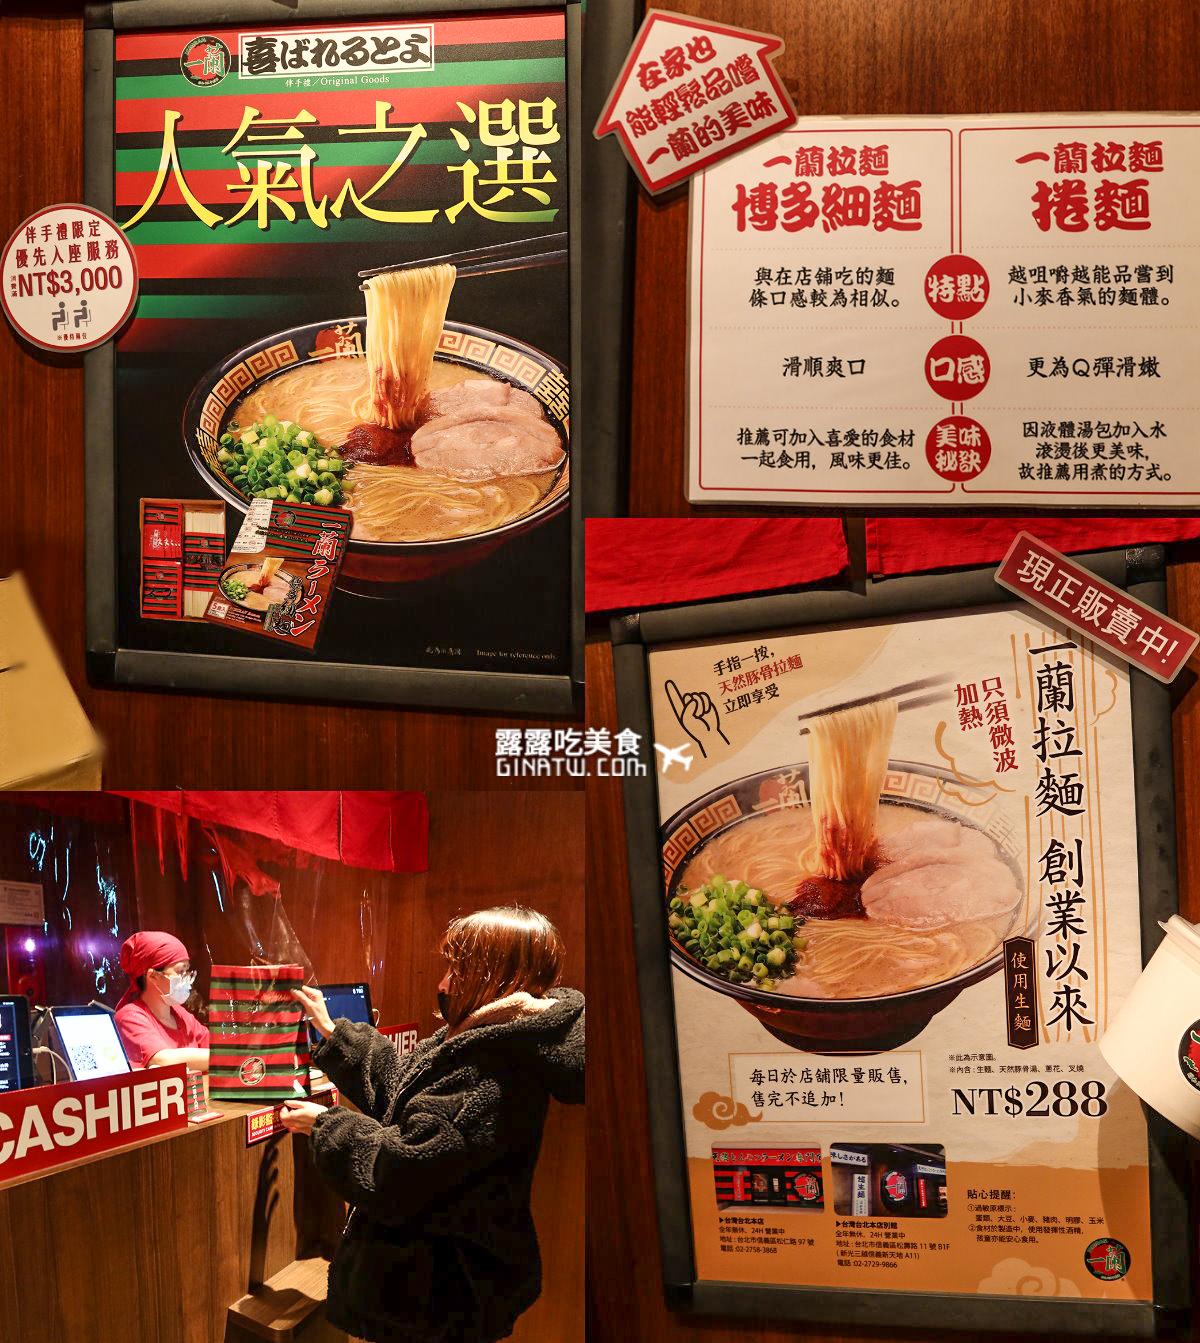 【一蘭拉麵台北本店】信義區美食|24小時營業美食|天然豚骨湯拉麵|捷運象山站 @GINA LIN